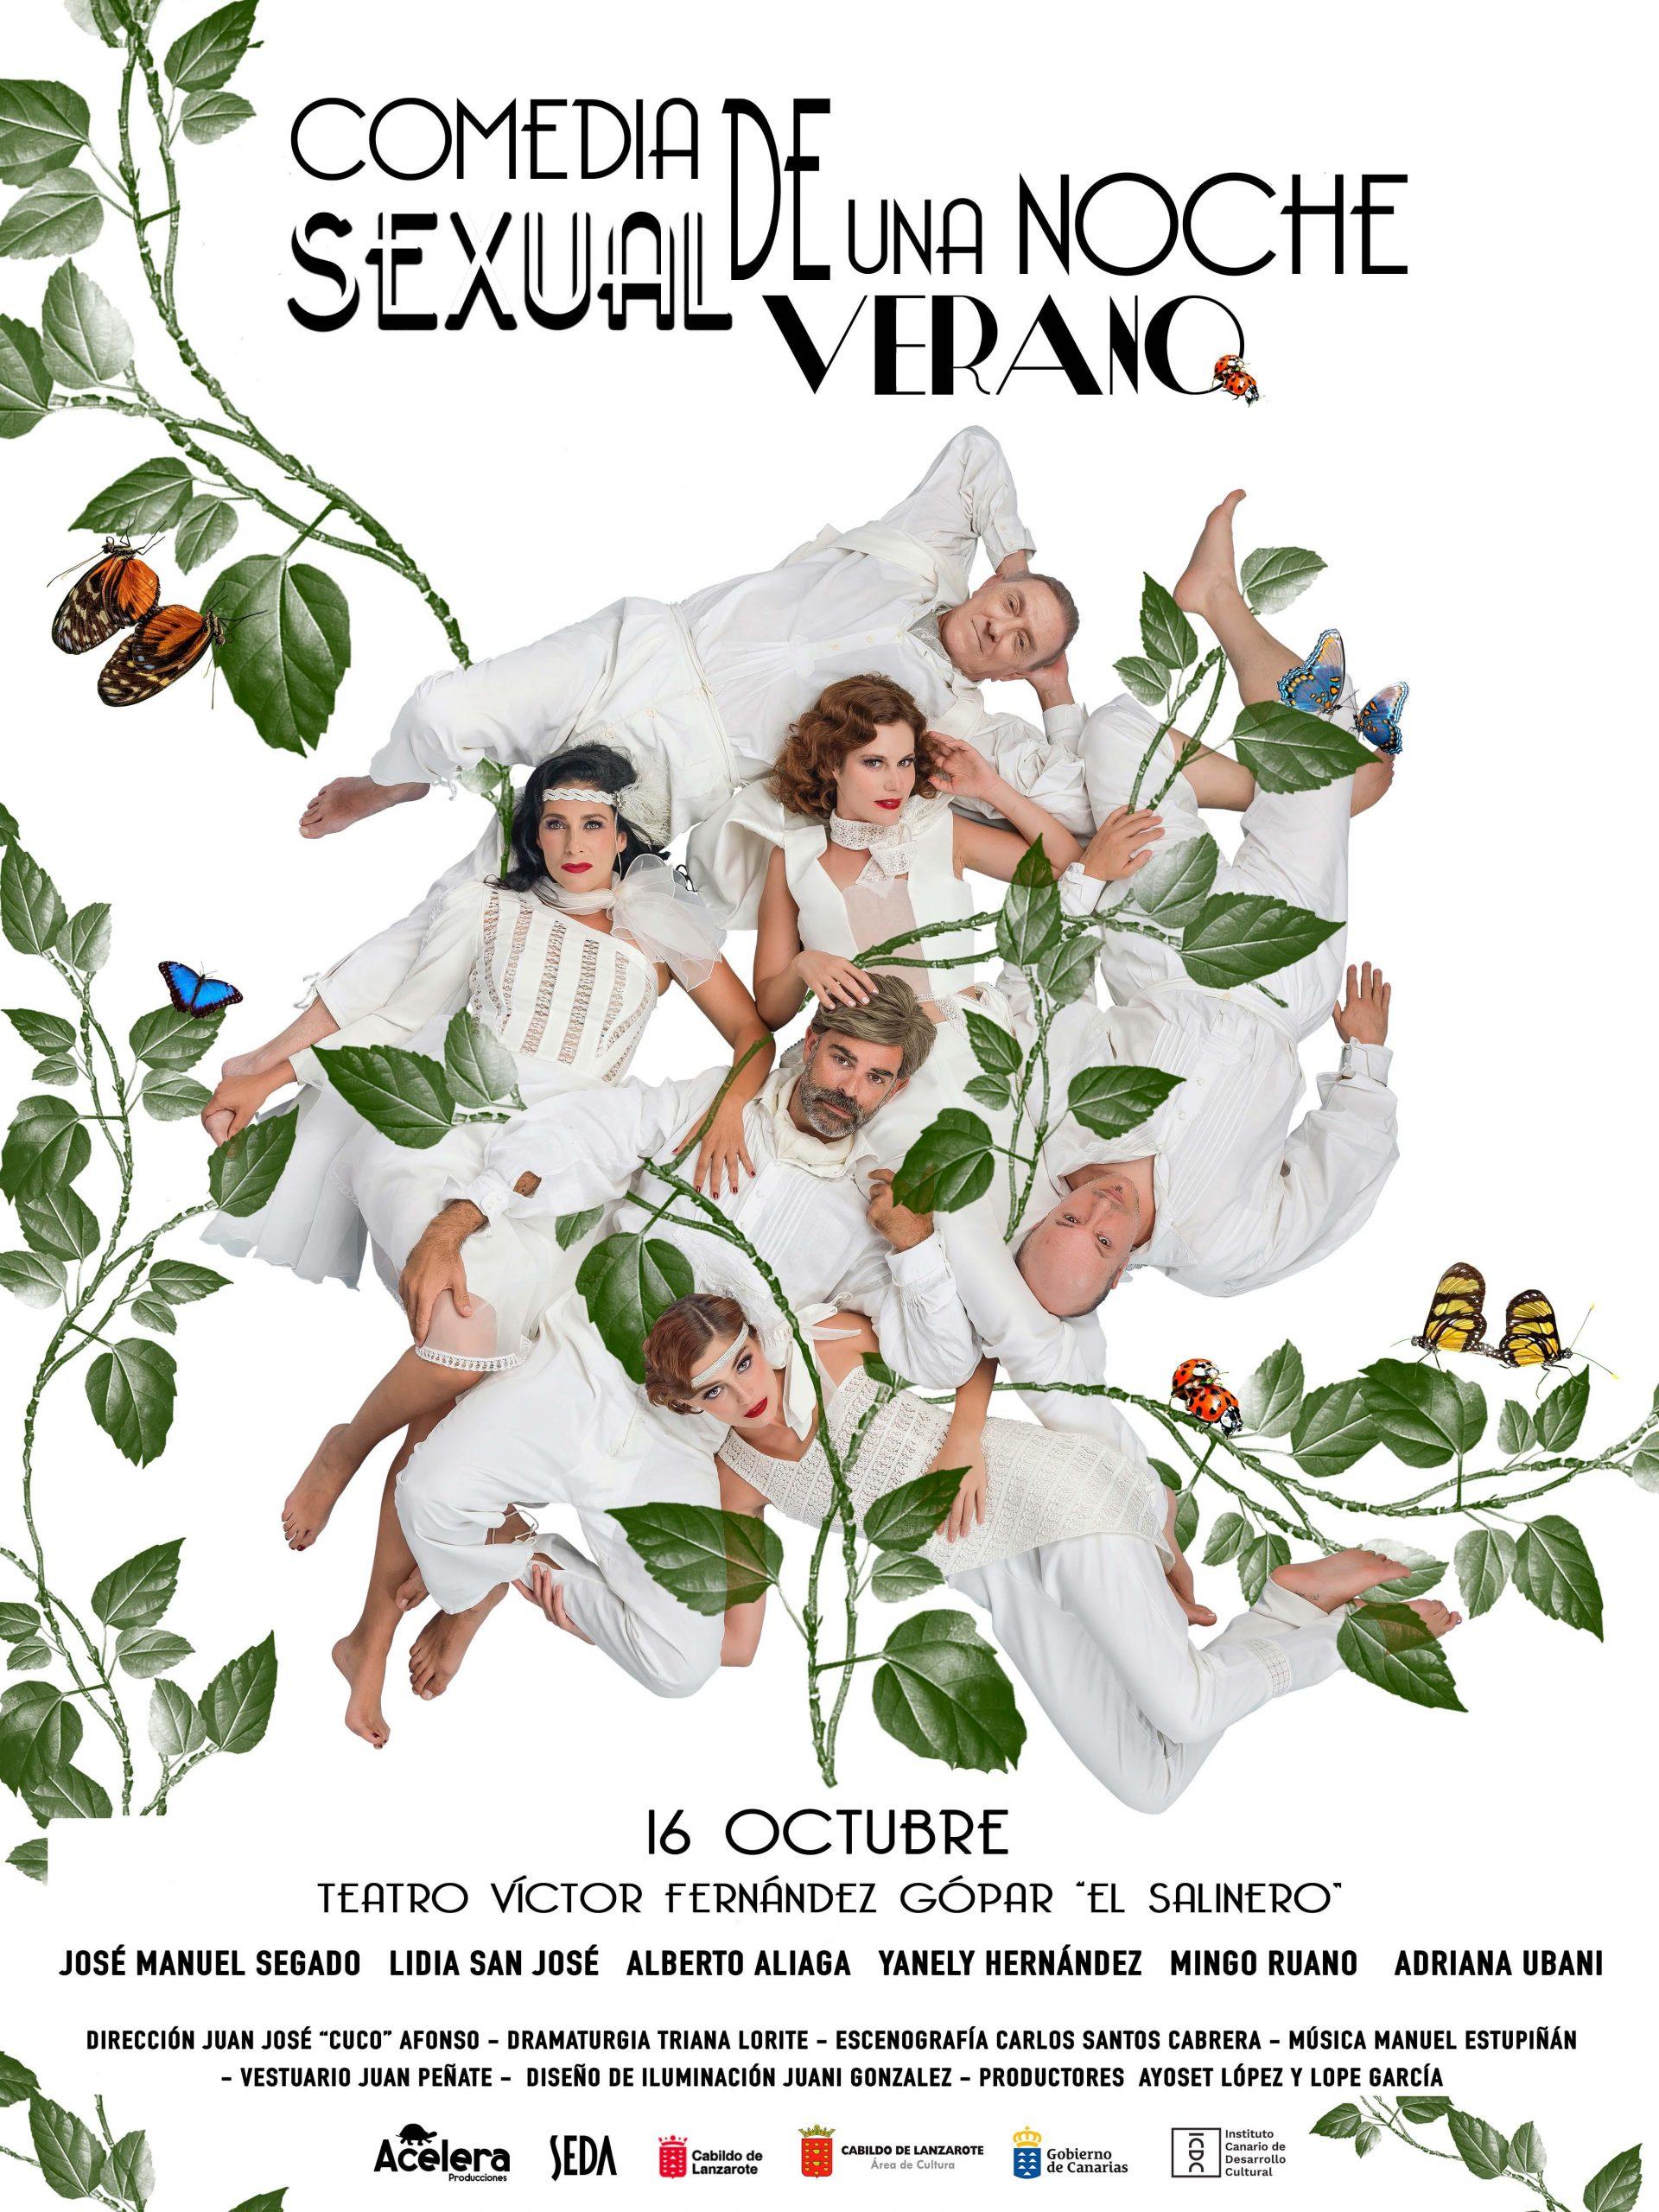 El Teatro 'El Salinero' pone a la venta las entradas para la obra 'Comedia sexual de una noche de verano'